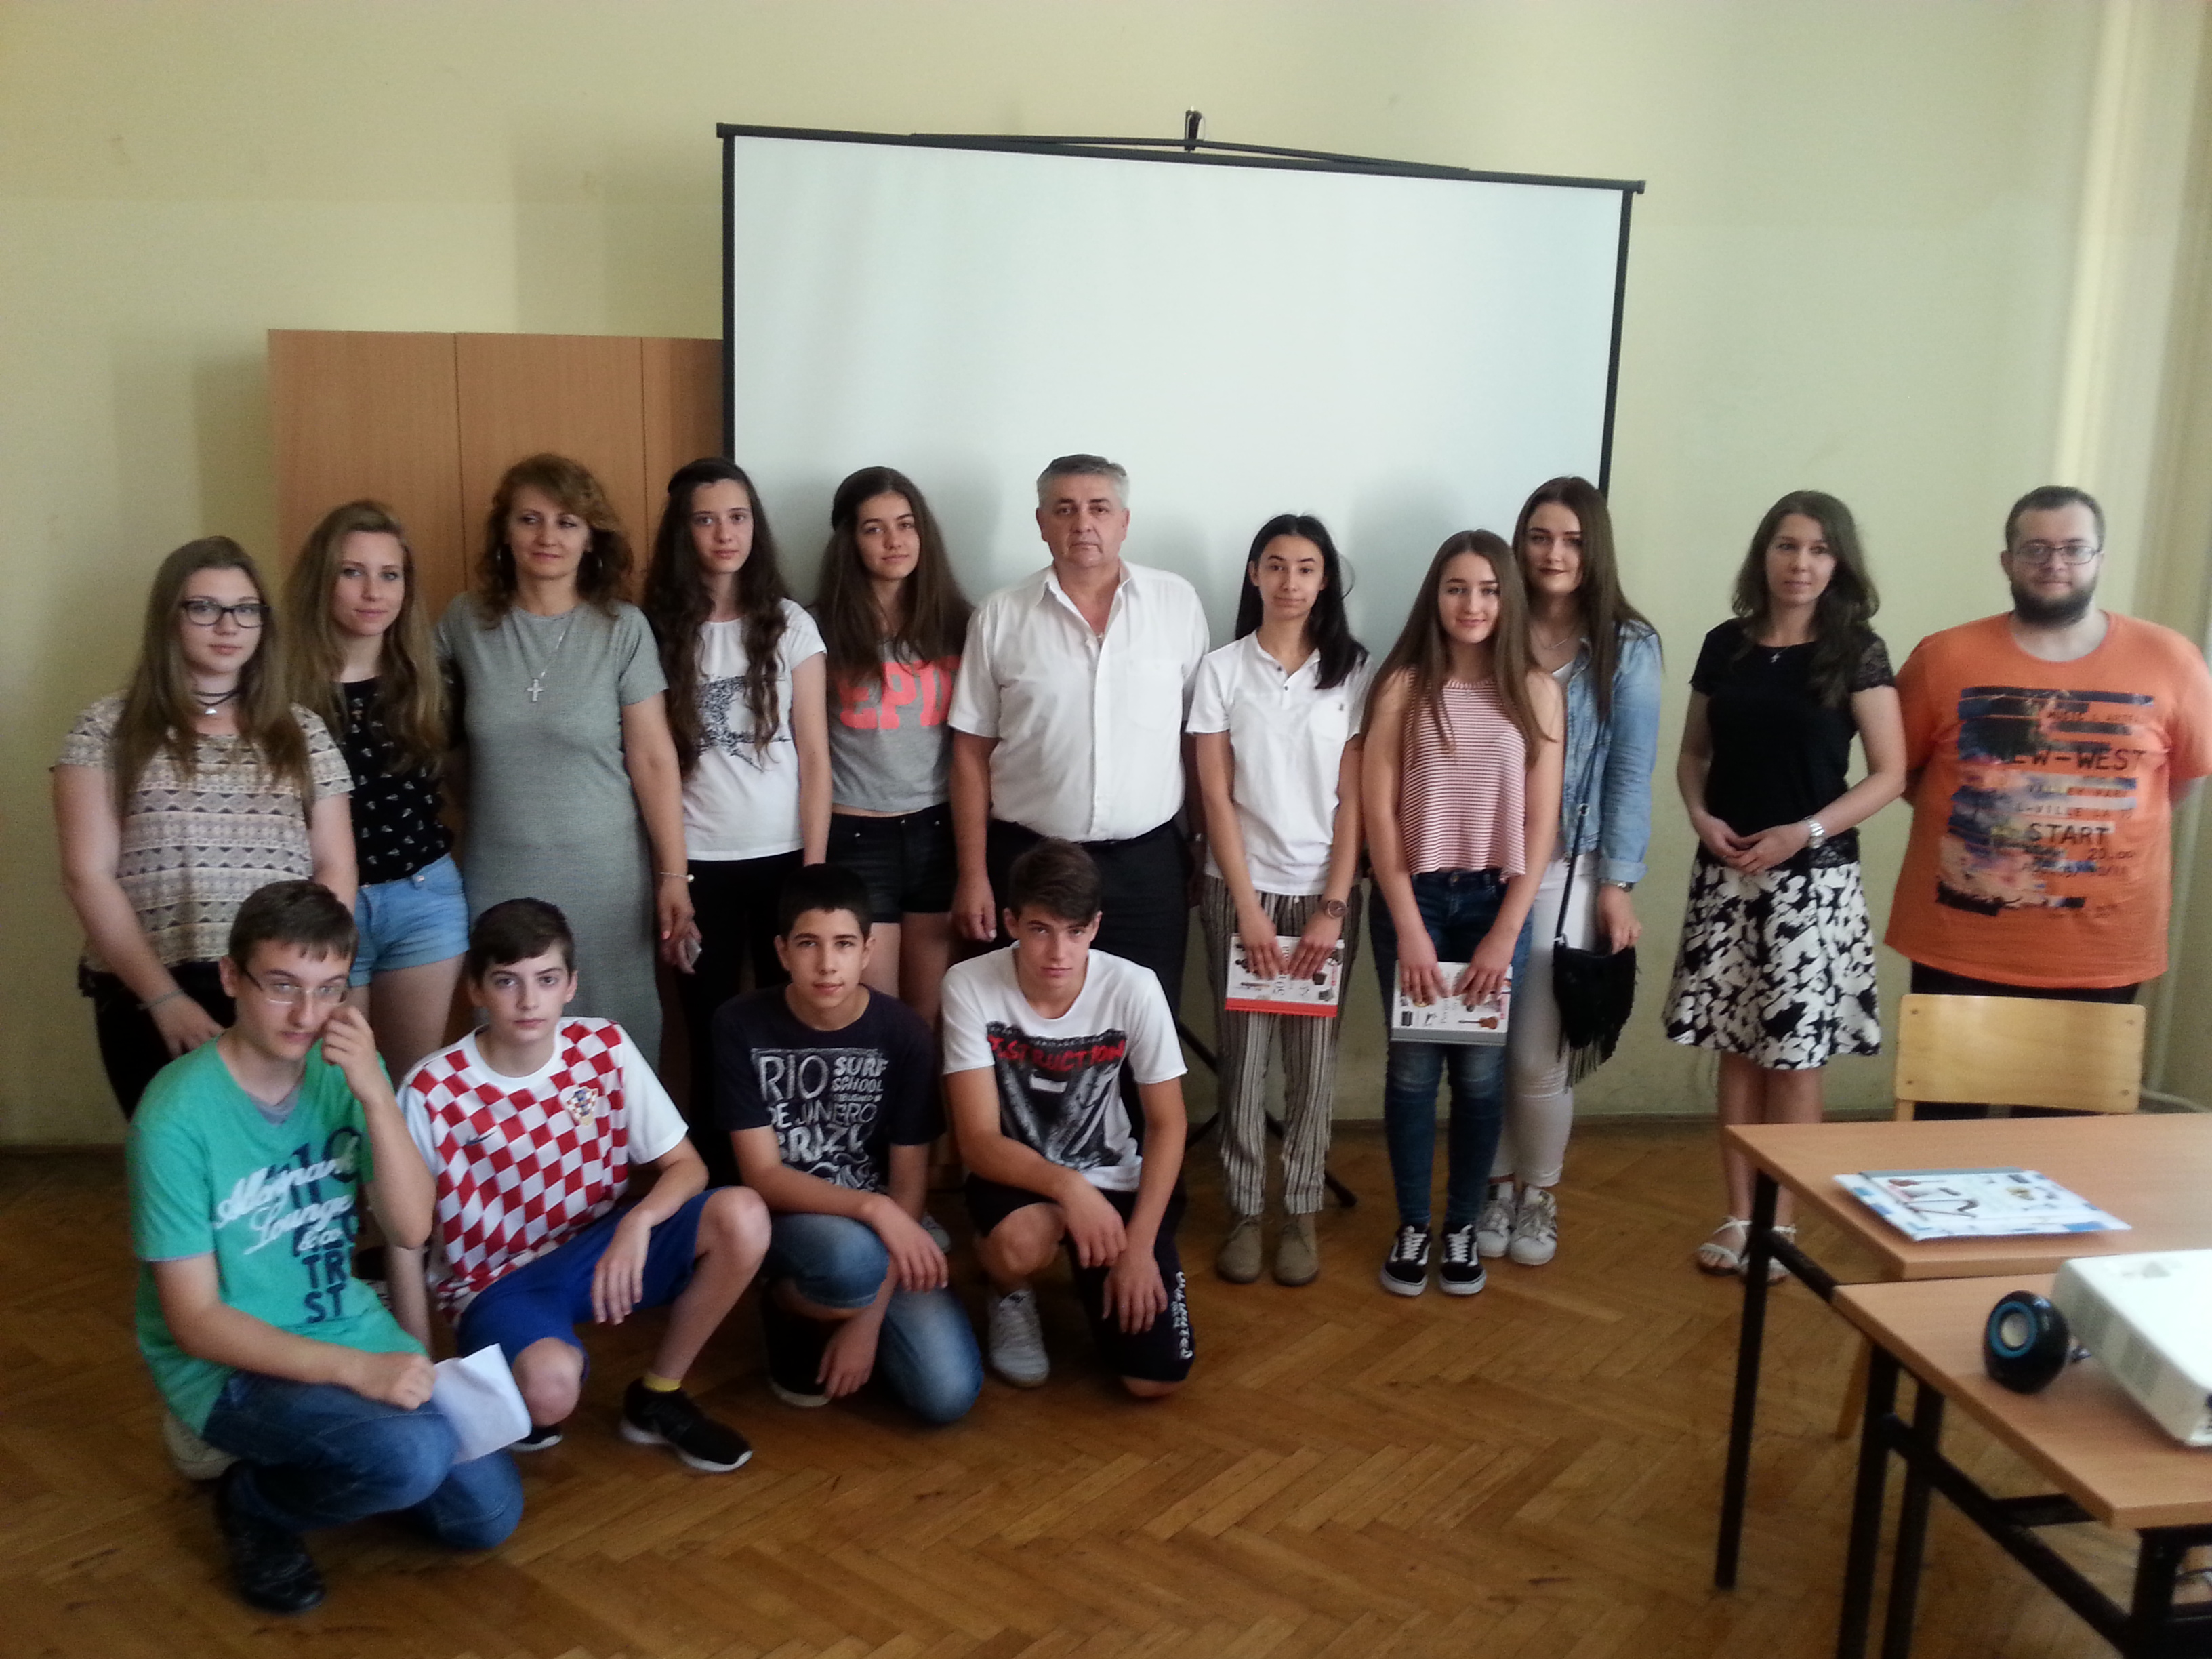 Osnovna Skola Ivana Gorana Kovacica Vinkovci Print